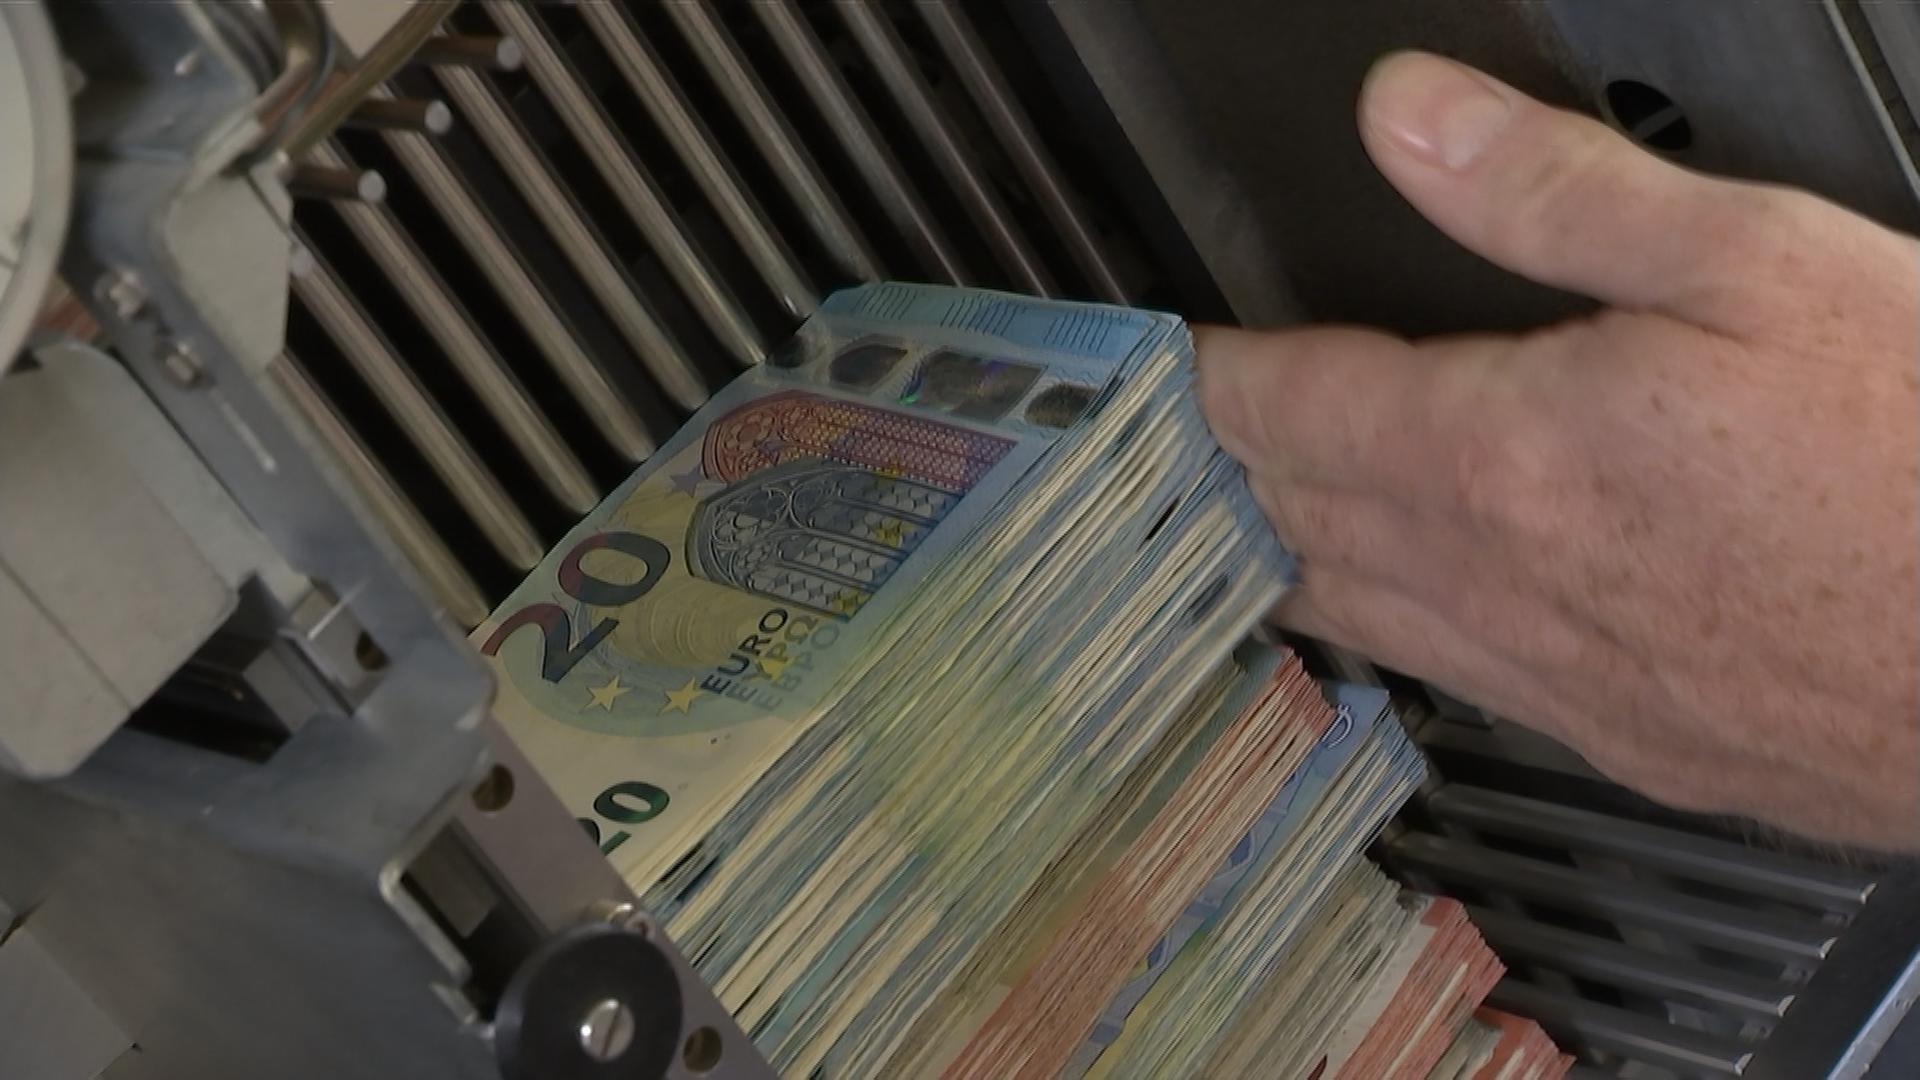 Tag der offenen tür heute  60 Jahre Bundesbank - ZDFmediathek